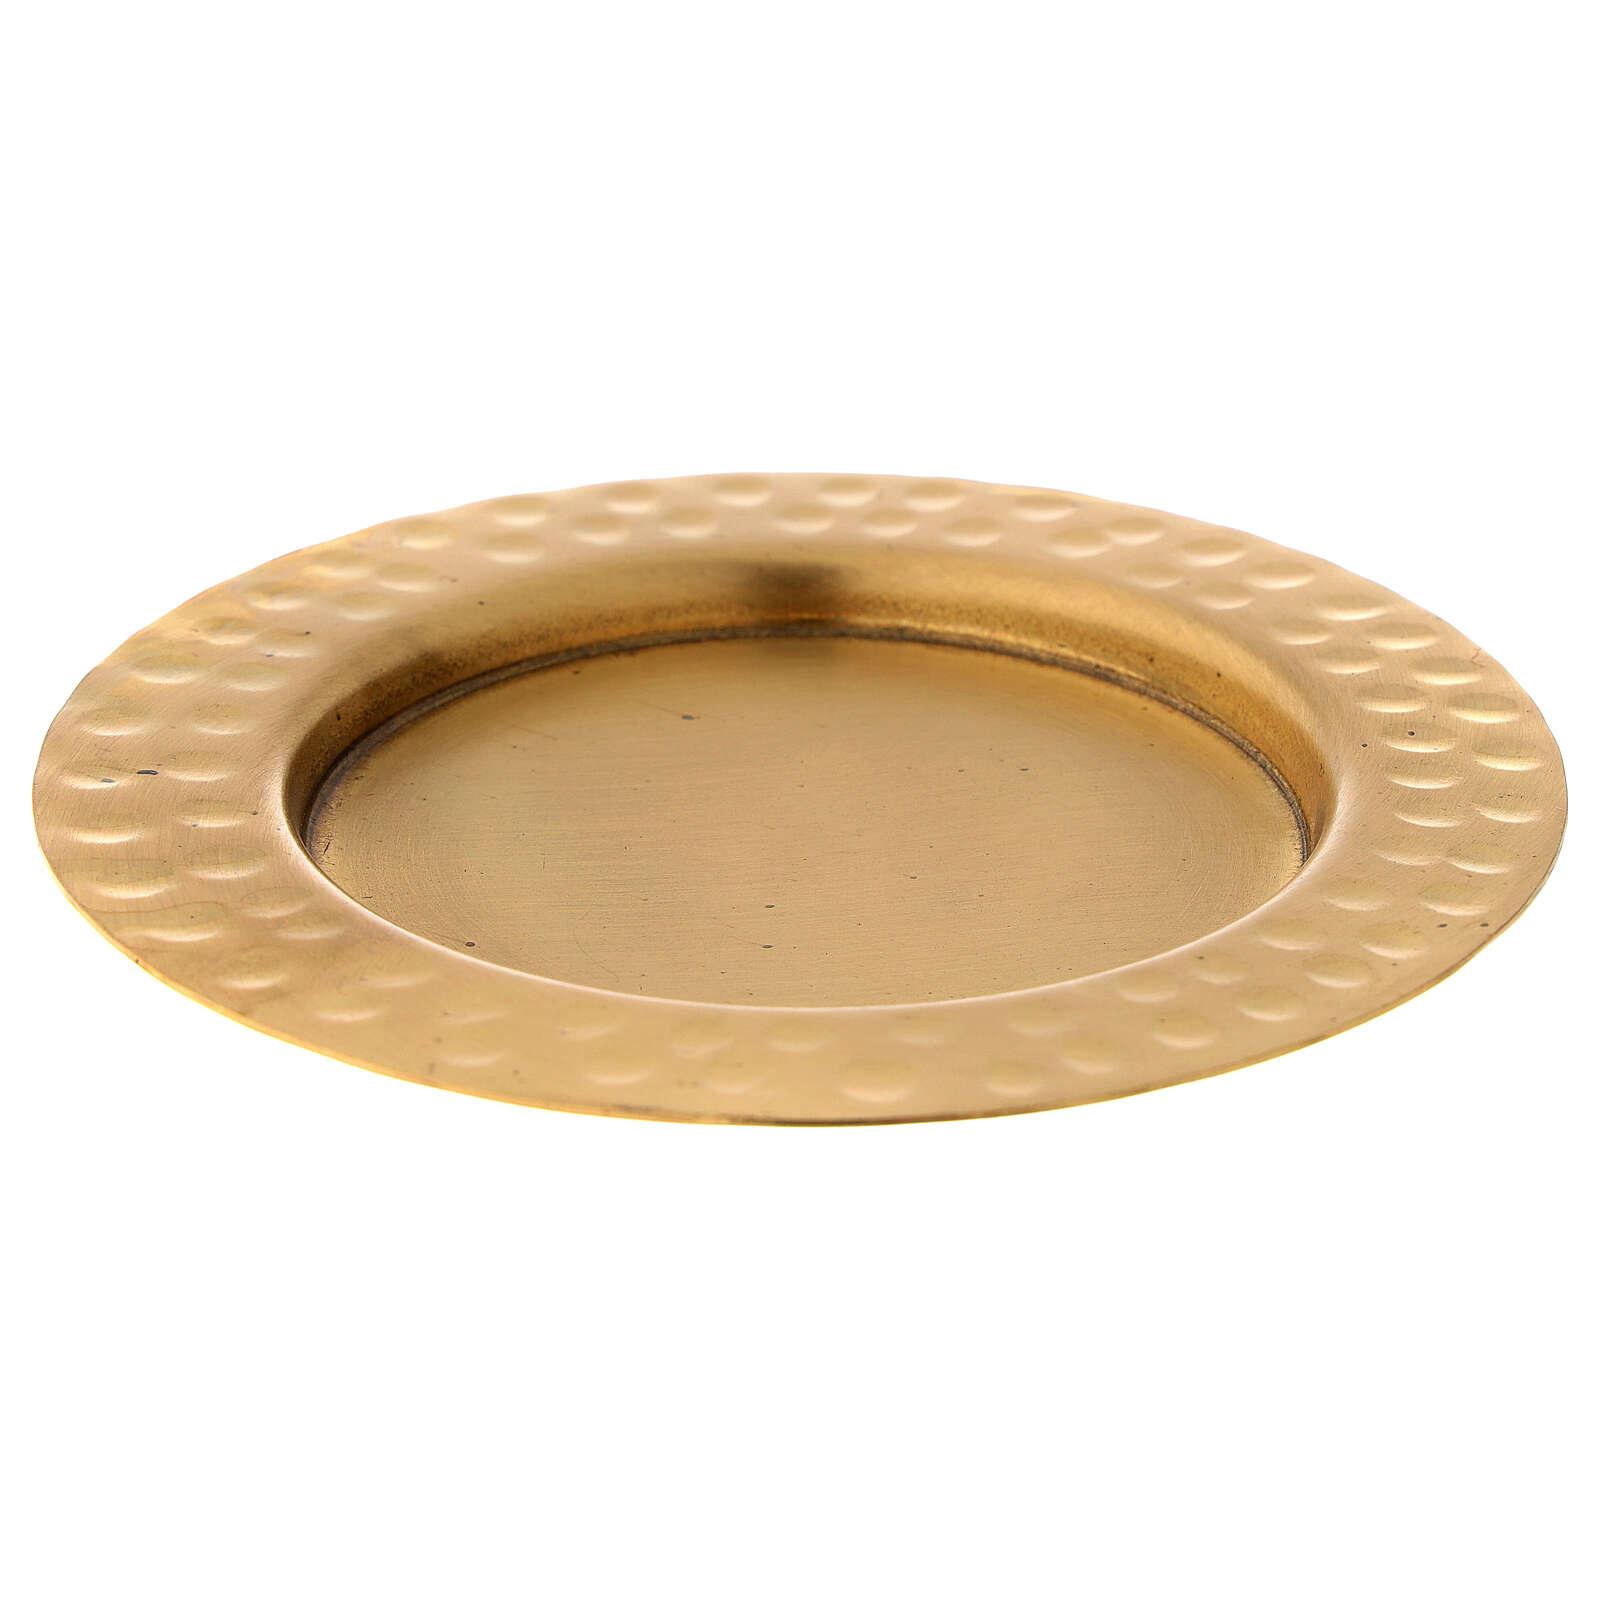 Golden satin brass saucer 10 cm 3